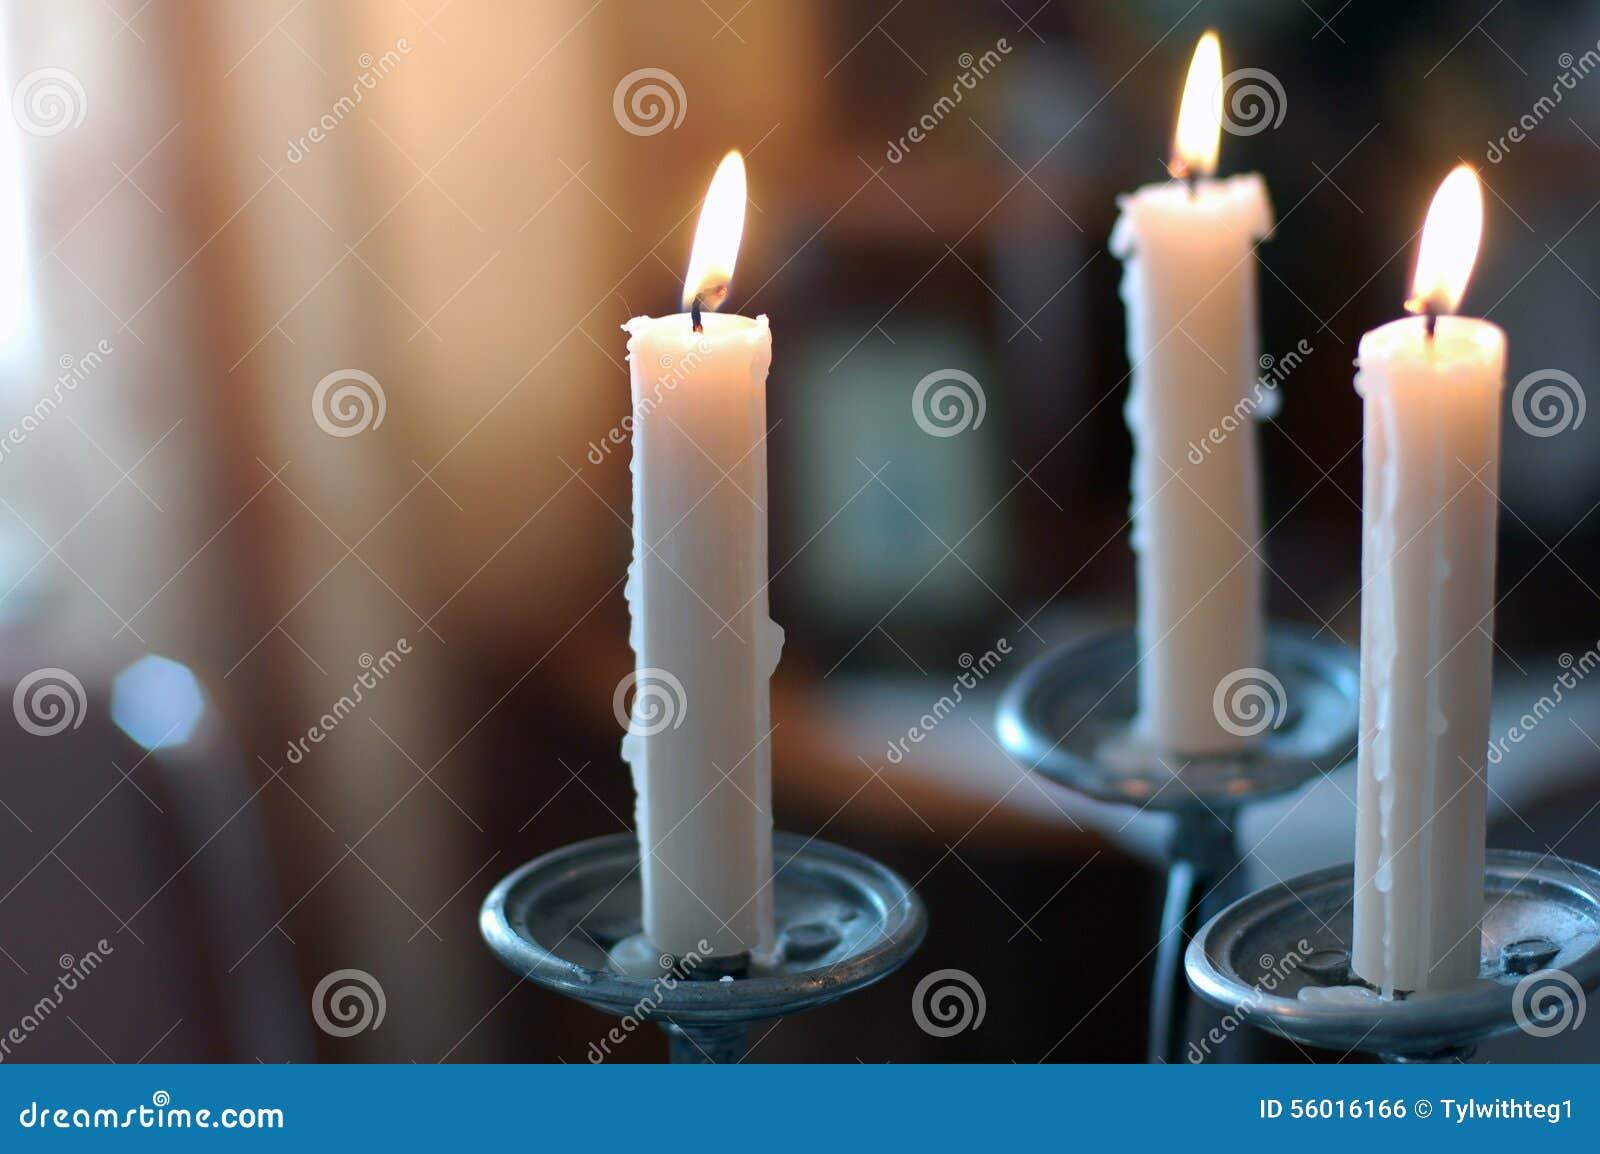 Bougies dans le chandelier dans le style de vintage